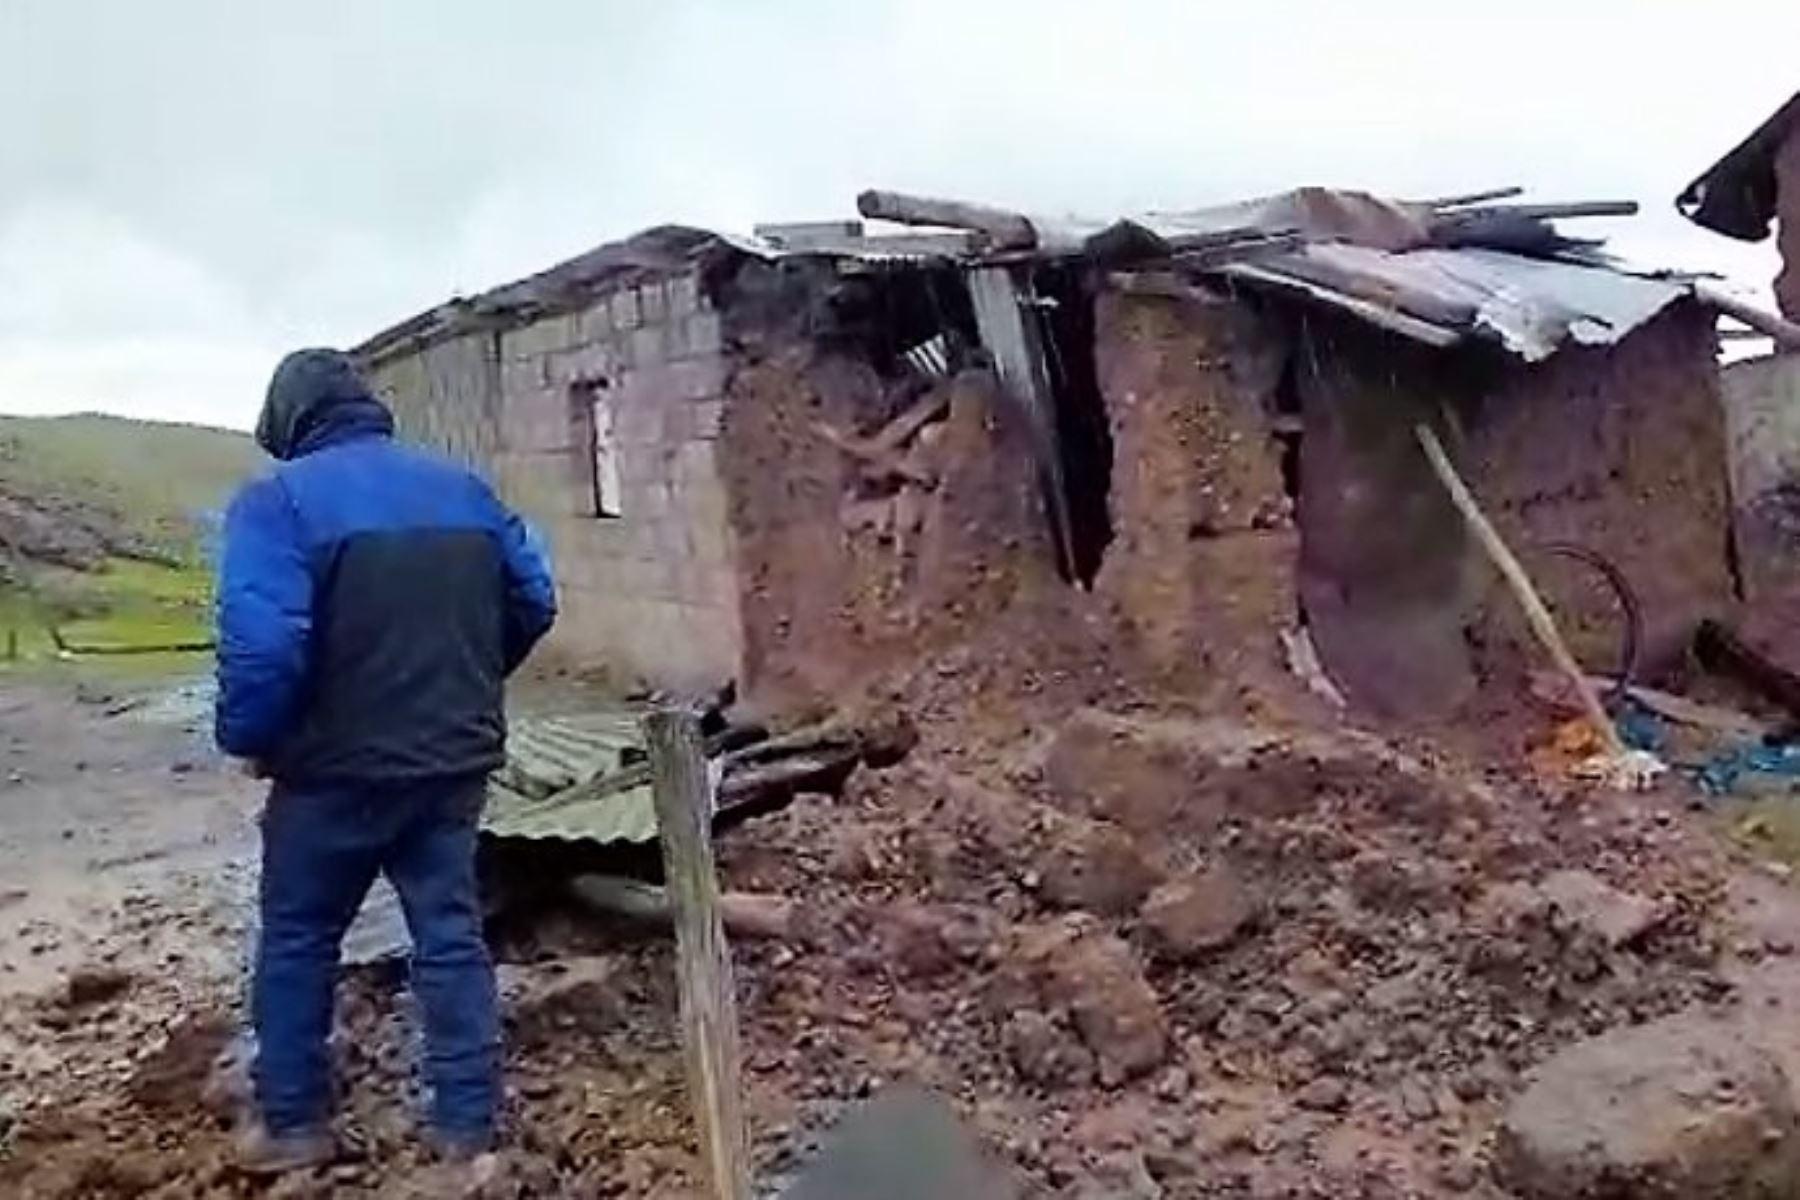 Vivienda afectada por las lluvias intensas en el distrito de Huayllay, región Pasco.